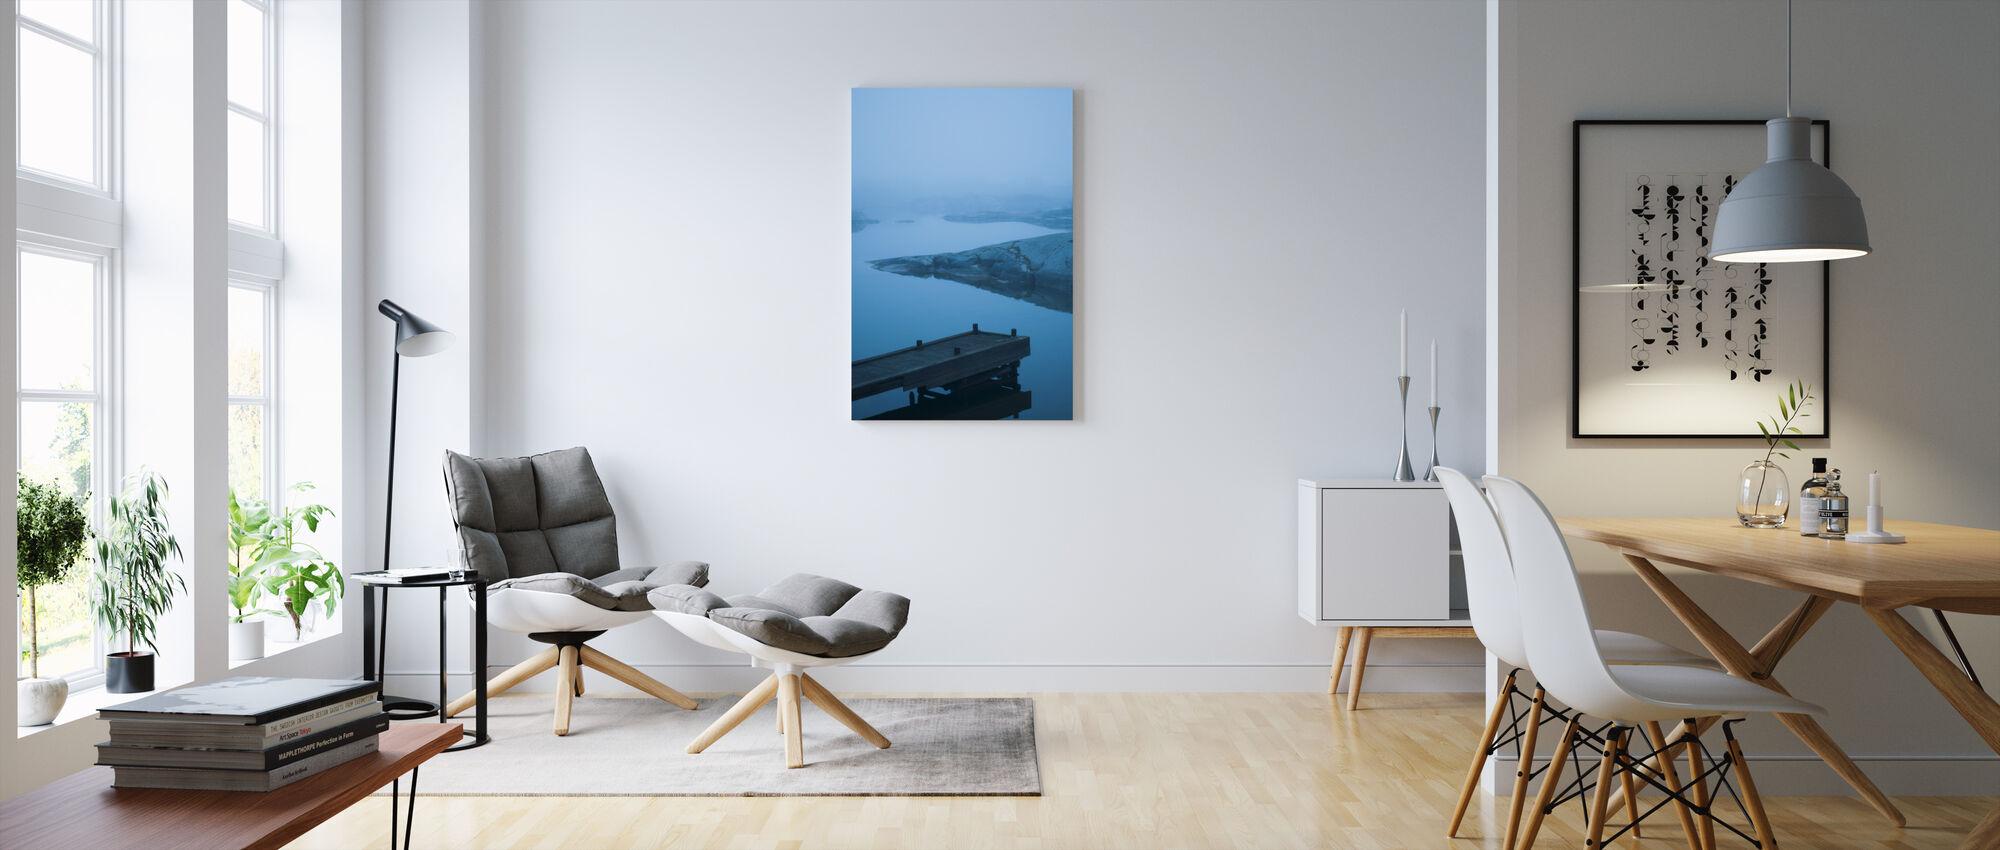 Blå strandpromenad i Uppland, Sverige, Europa - Canvastavla - Vardagsrum